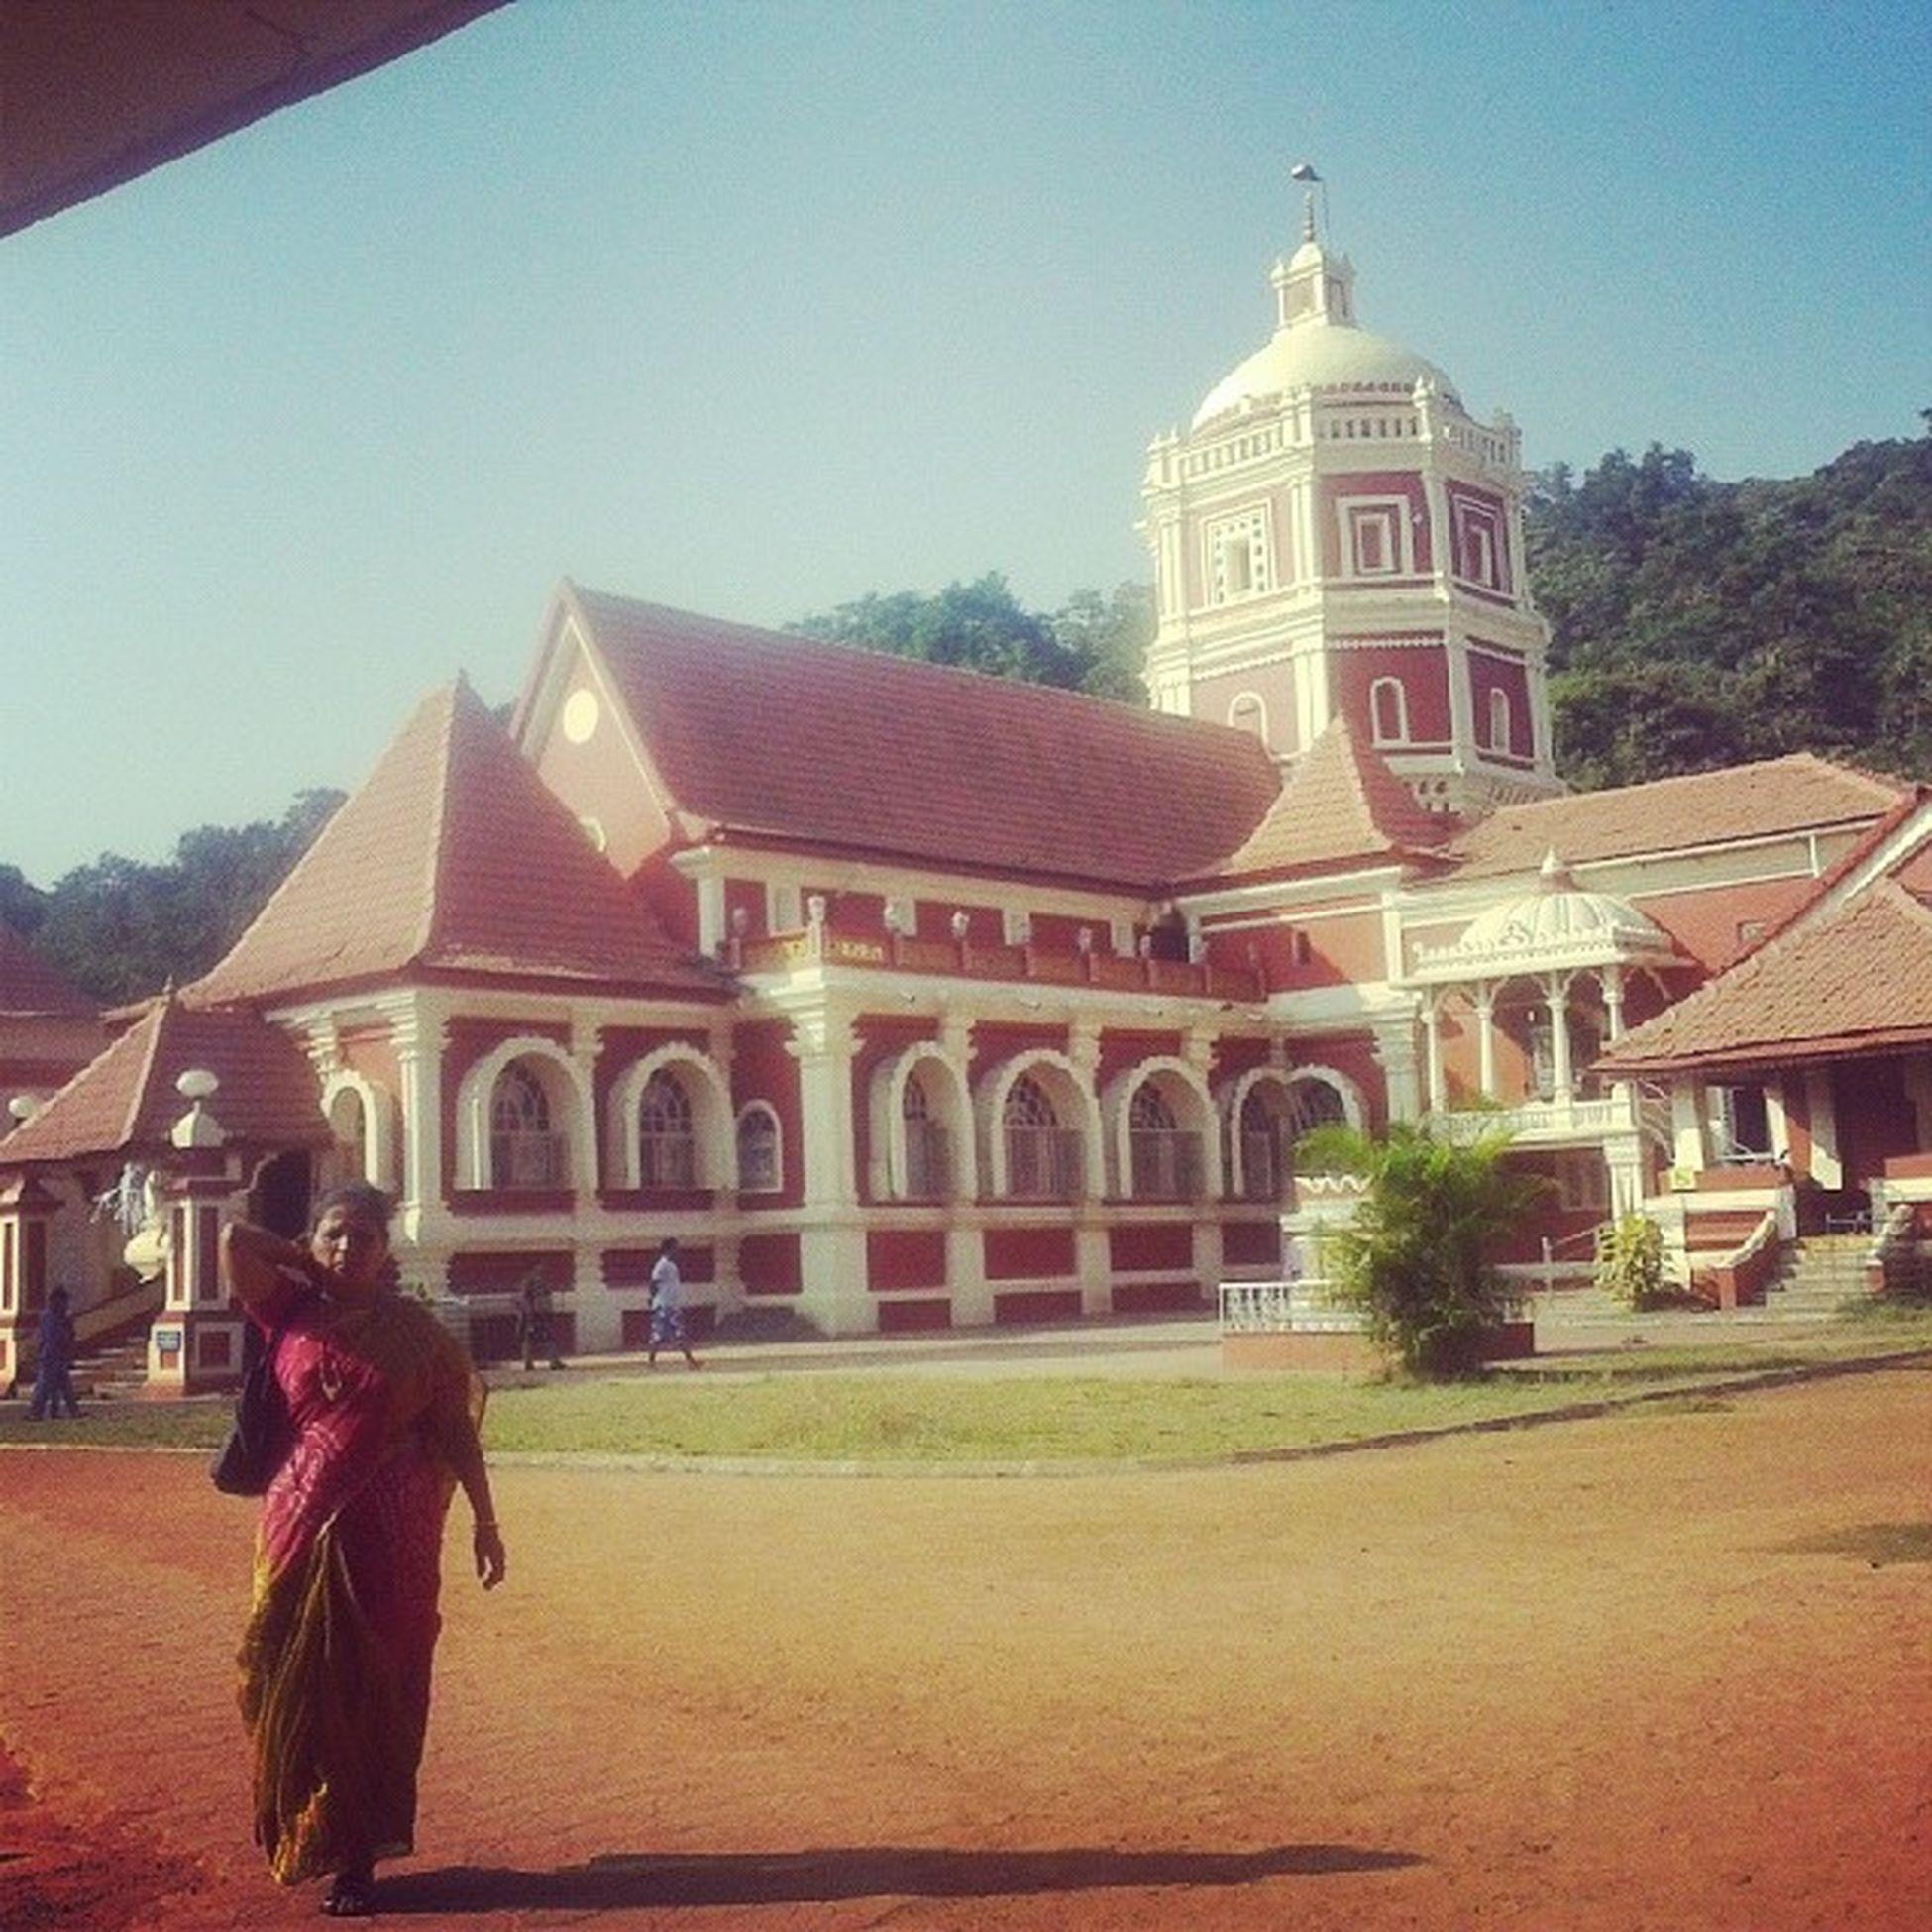 Shantadurgatemple Kavlem Goa Mentalpeace bestplacetobe _/\_